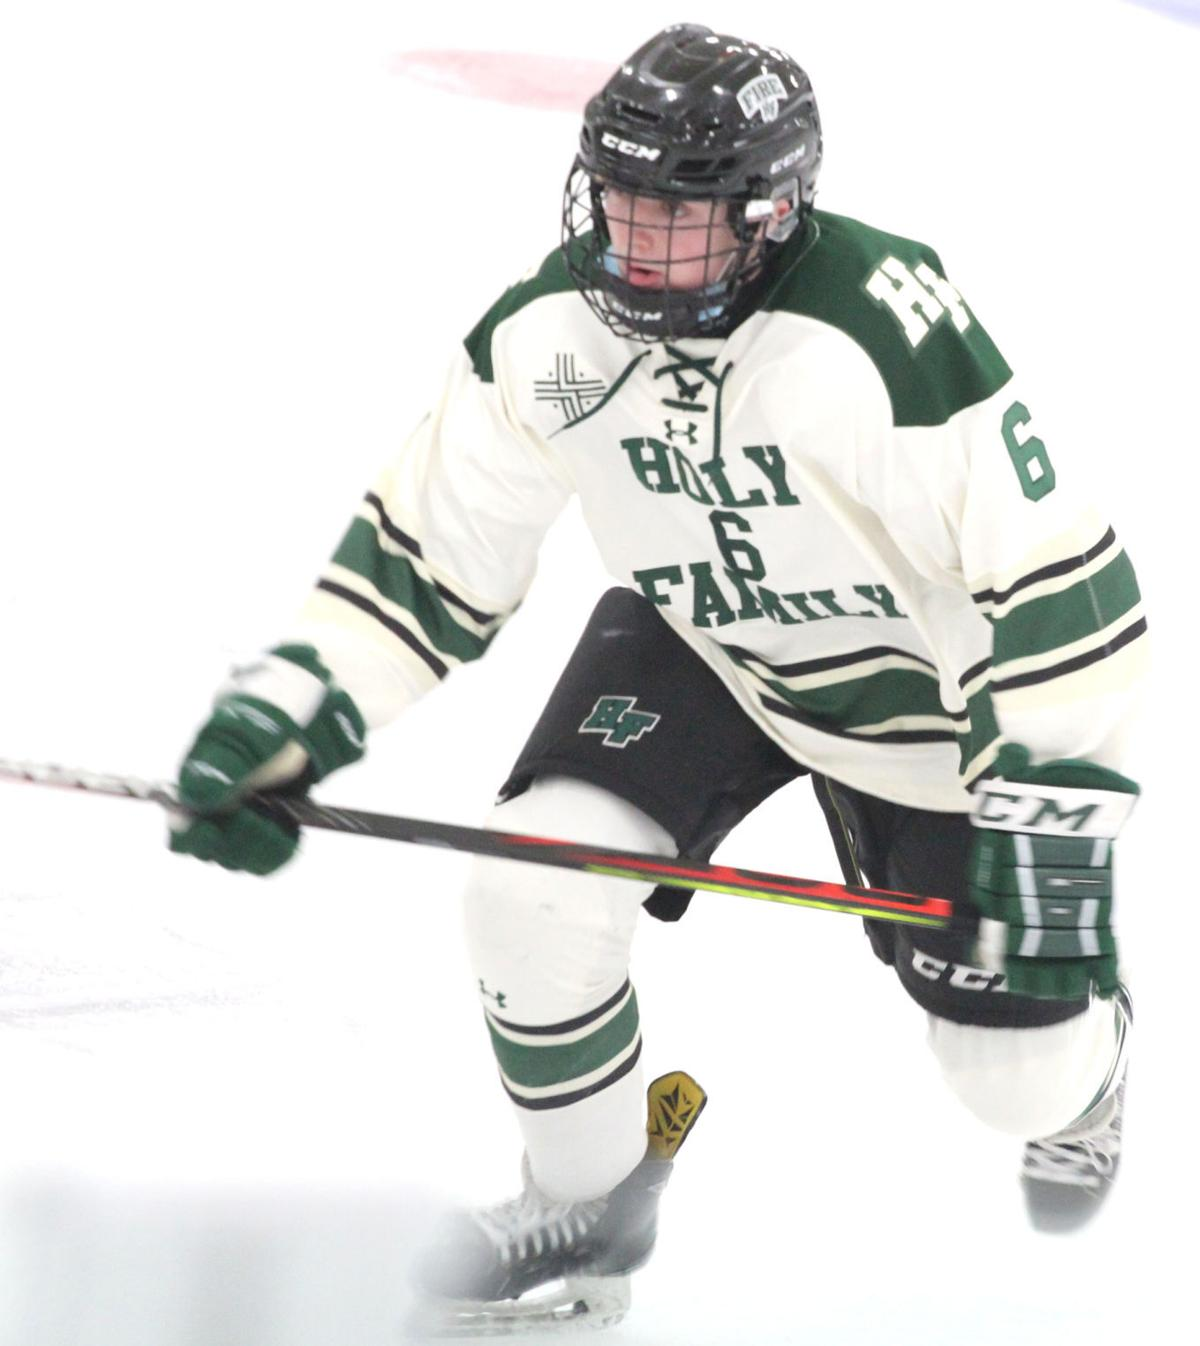 HFC Hockey - Ben Reddan